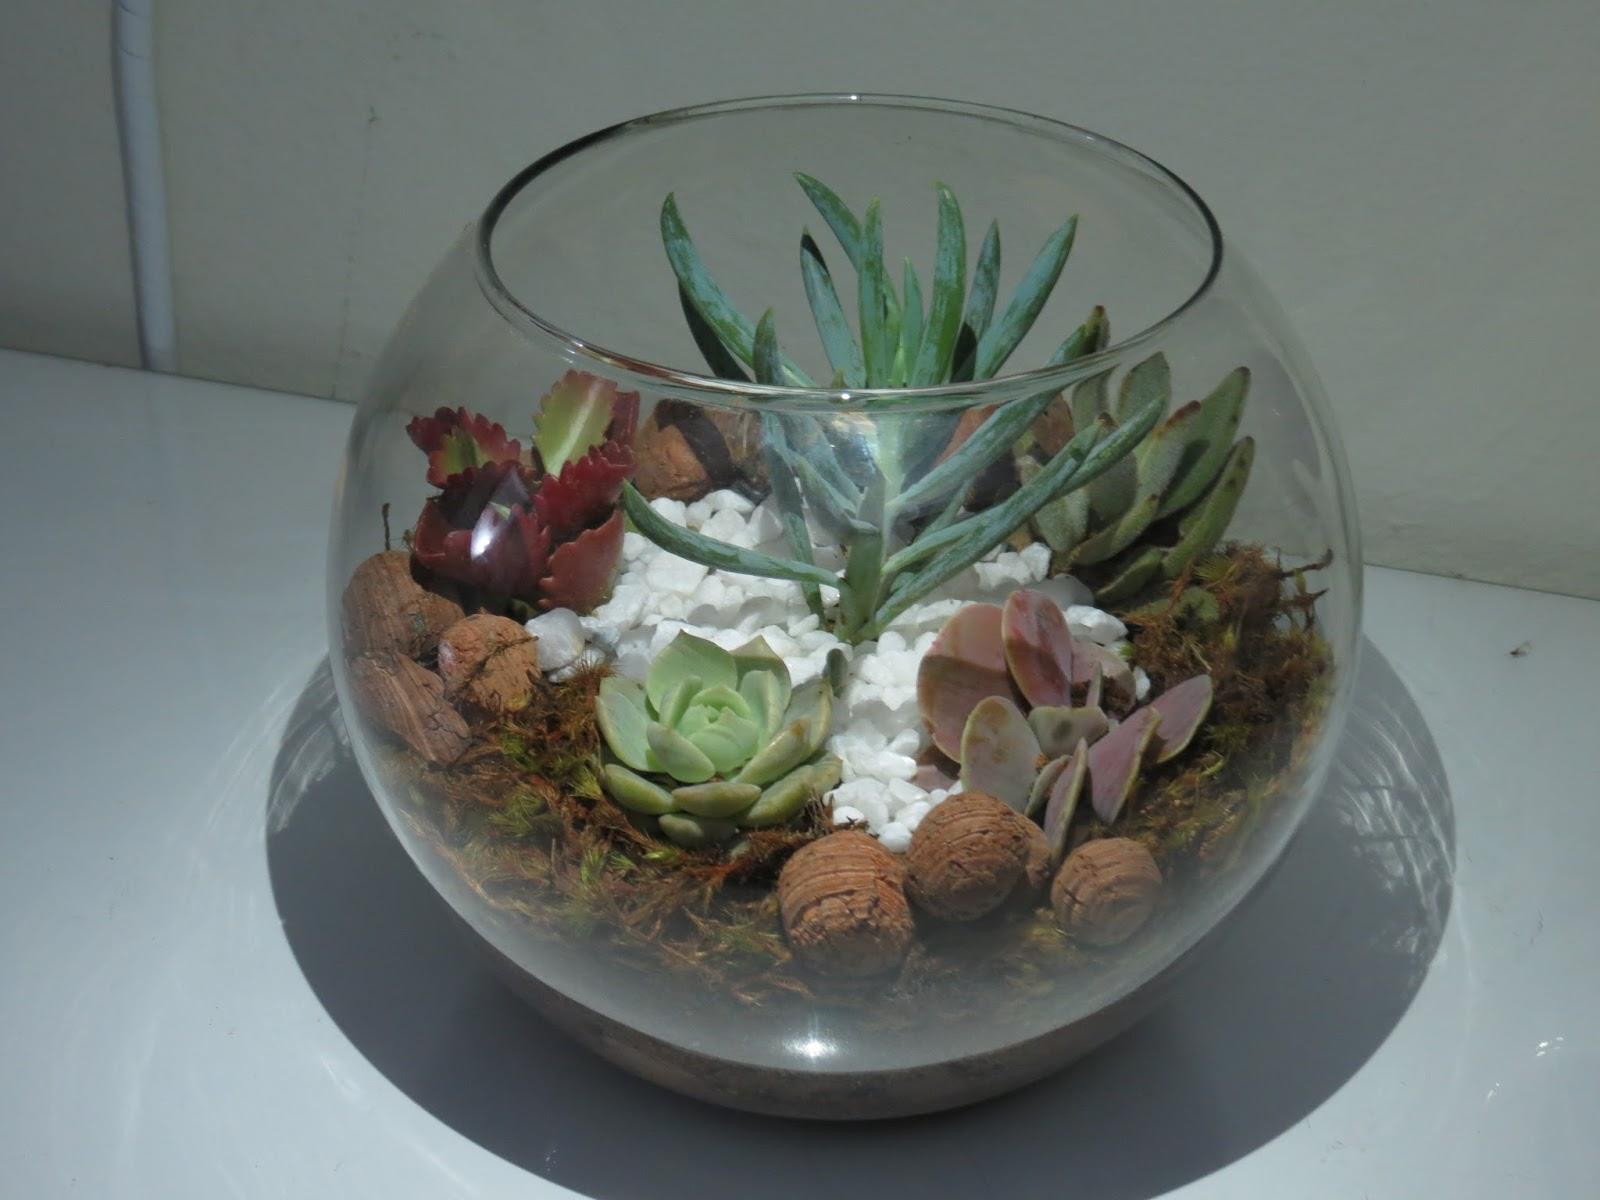 mini jardim de vidro : mini jardim de vidro: de nada nessa vida abraços aos parceiros de profissão paulo heib